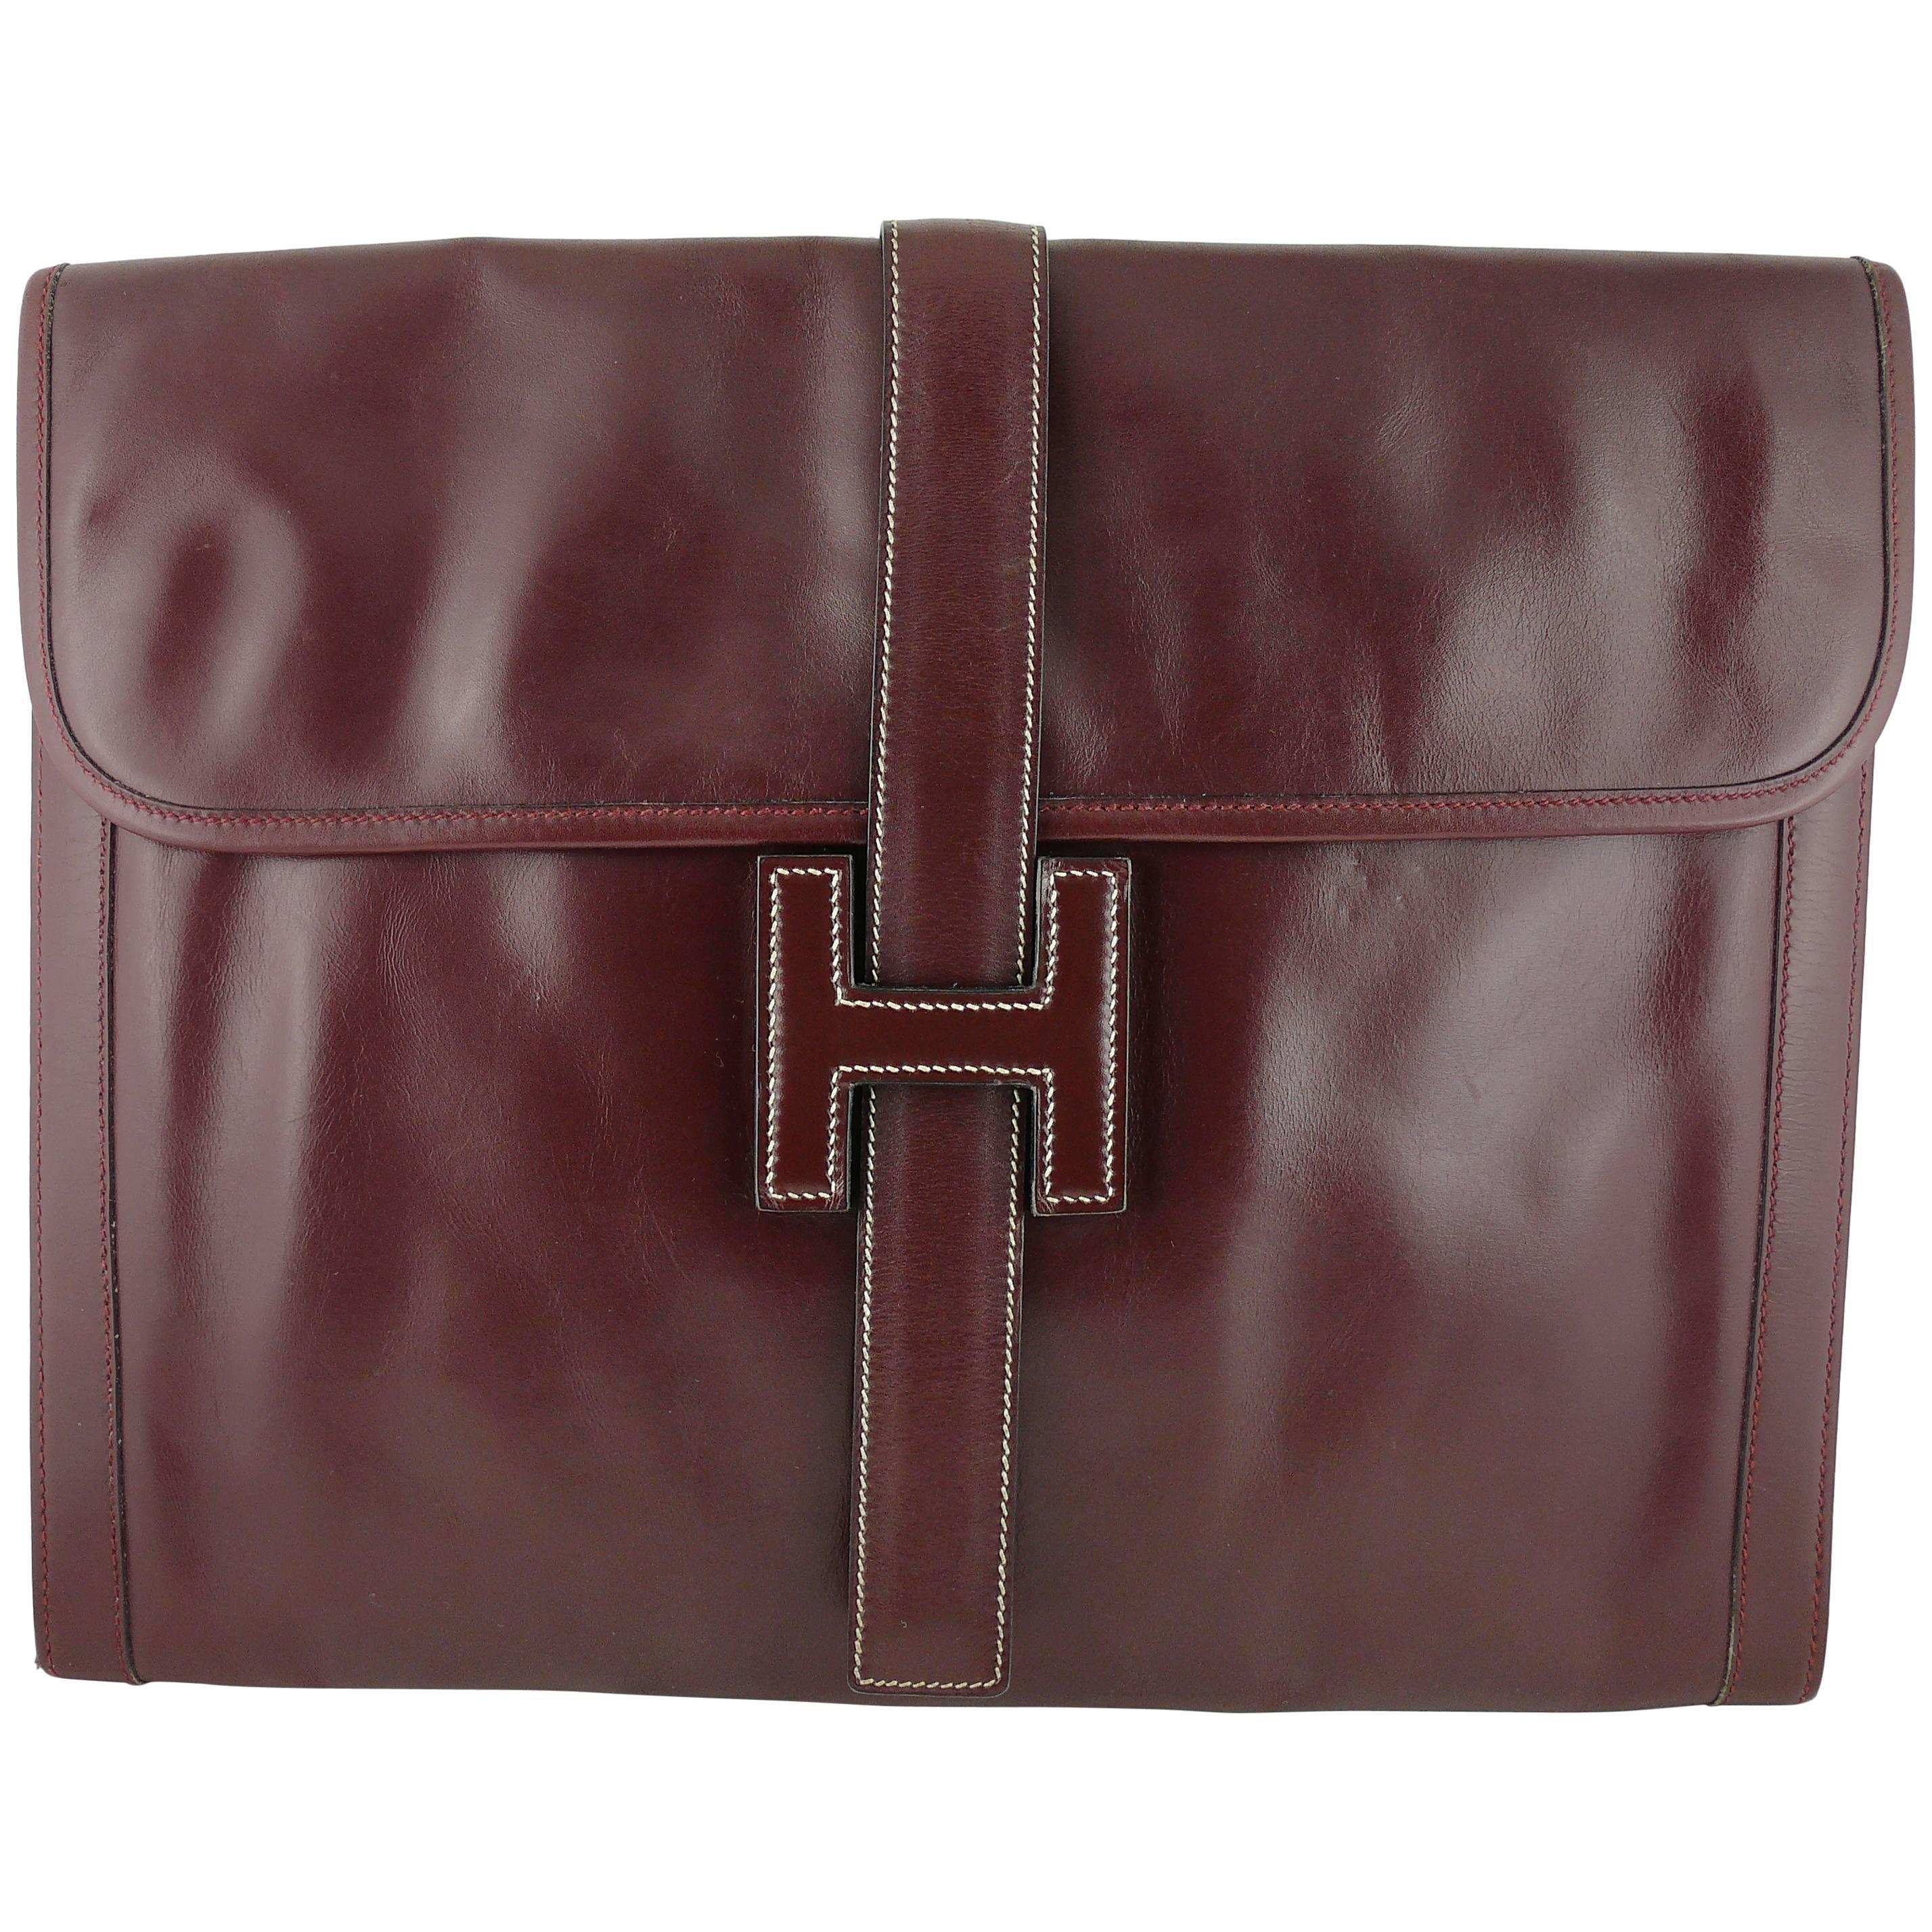 Hermes Vintage 1975 Jige Bordeaux Box Leather Clutch GM Size